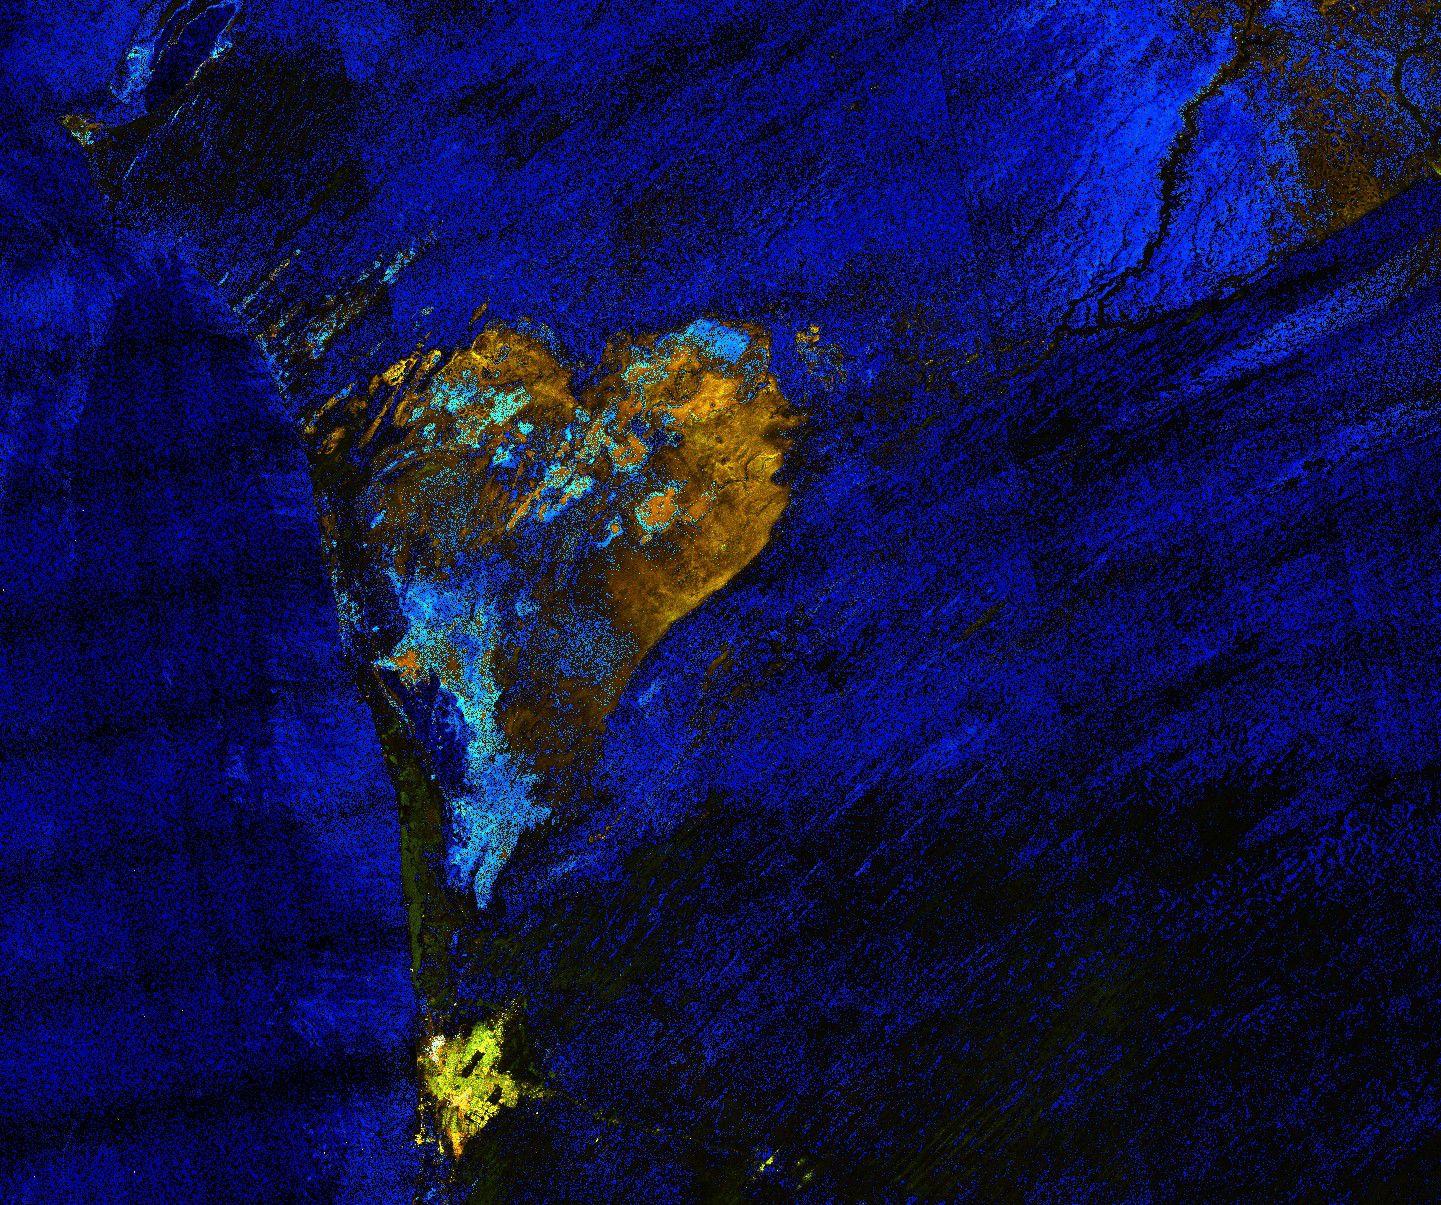 Saint-Valentin - forme de coeur vue de l'espace - satellite - heart - observation de la Terre - Sentinel-1 - Copernicus - Mauritanie - Sebkhet Te-n-Dghamcha - Valentine's day